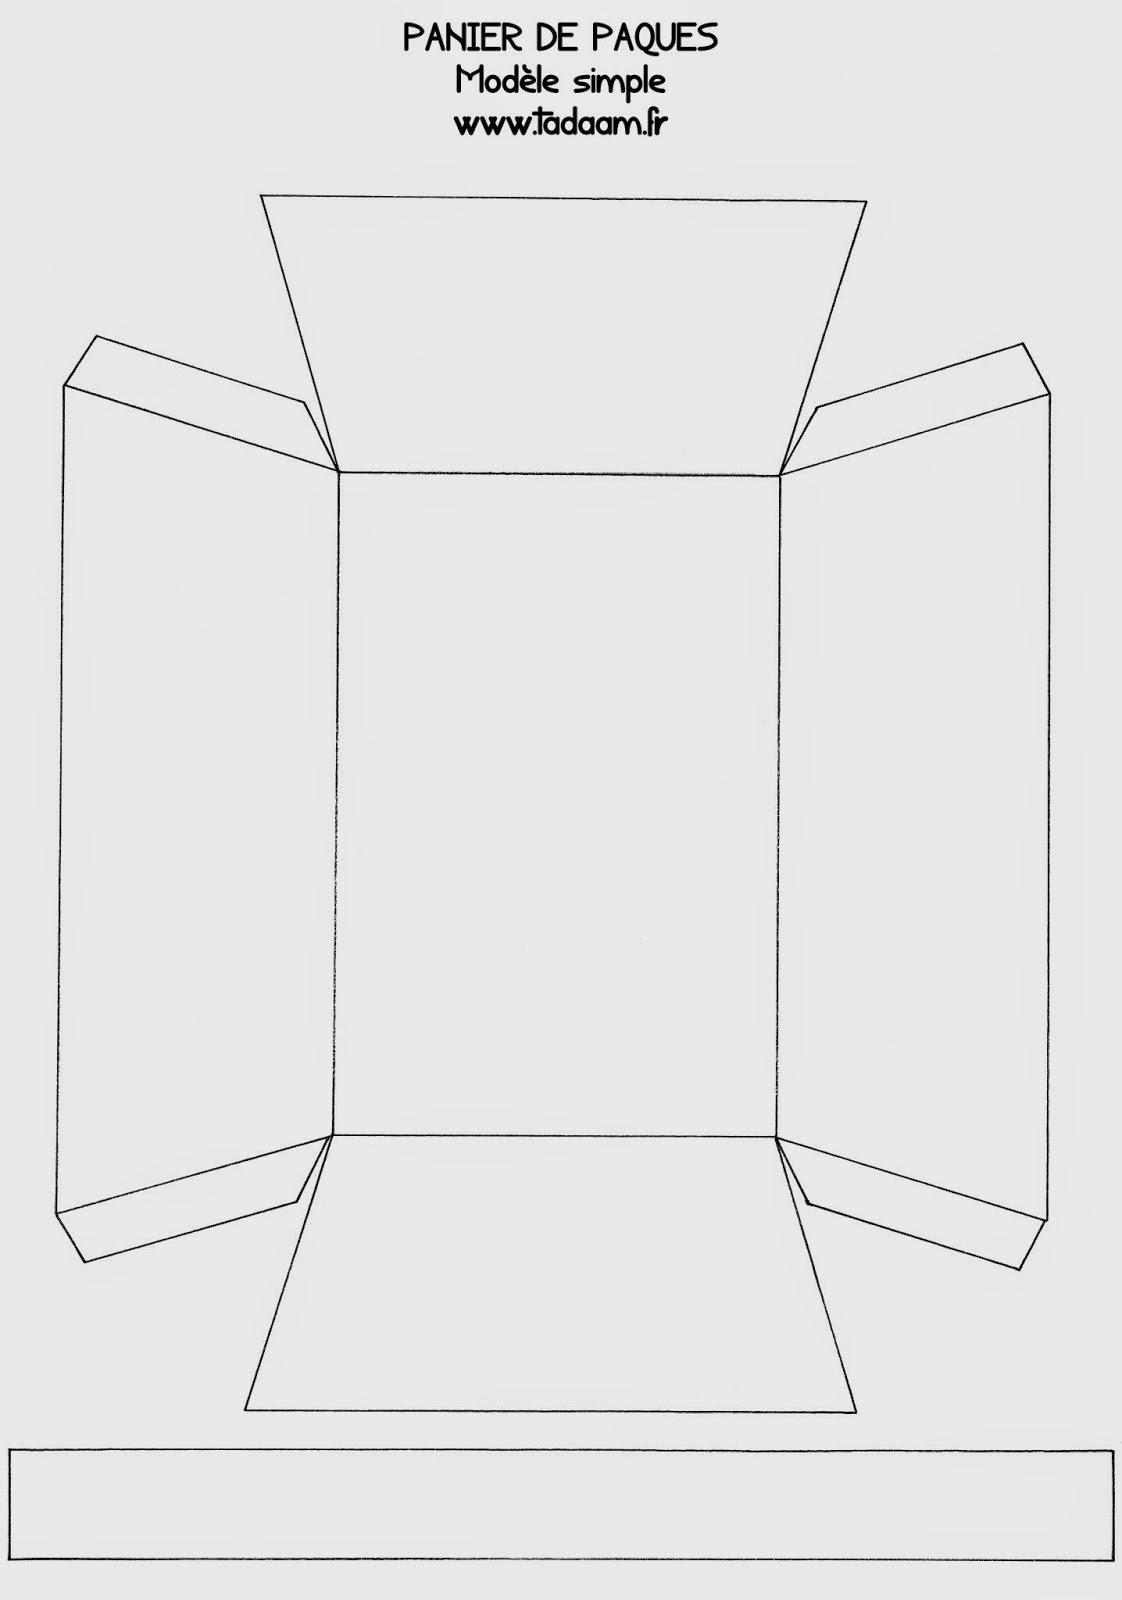 Tadaam printable panier de p ques colorier - Modele de paques a imprimer ...